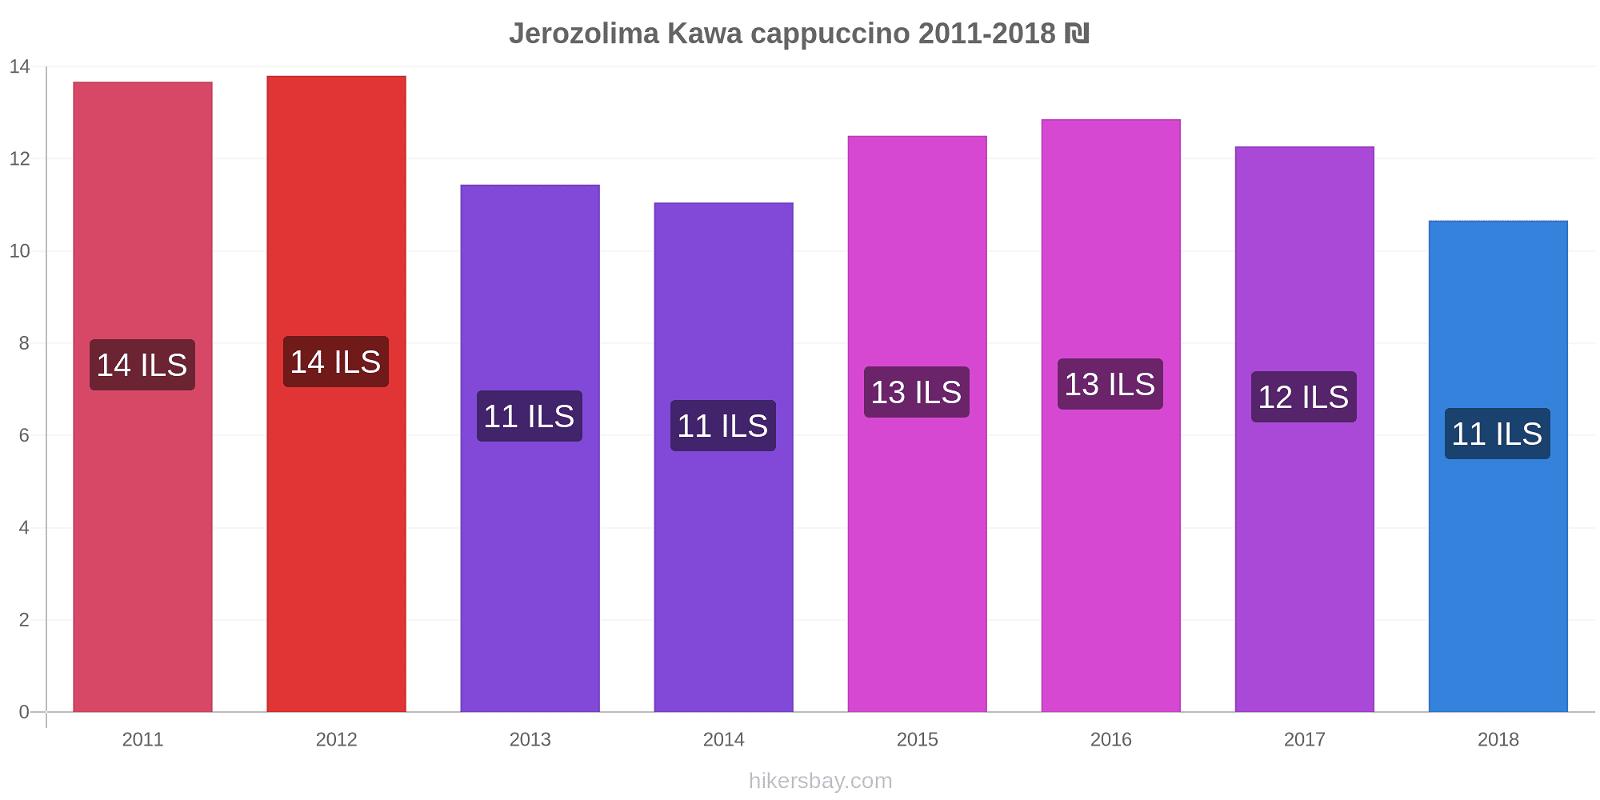 Jerozolima zmiany cen Kawa cappuccino hikersbay.com